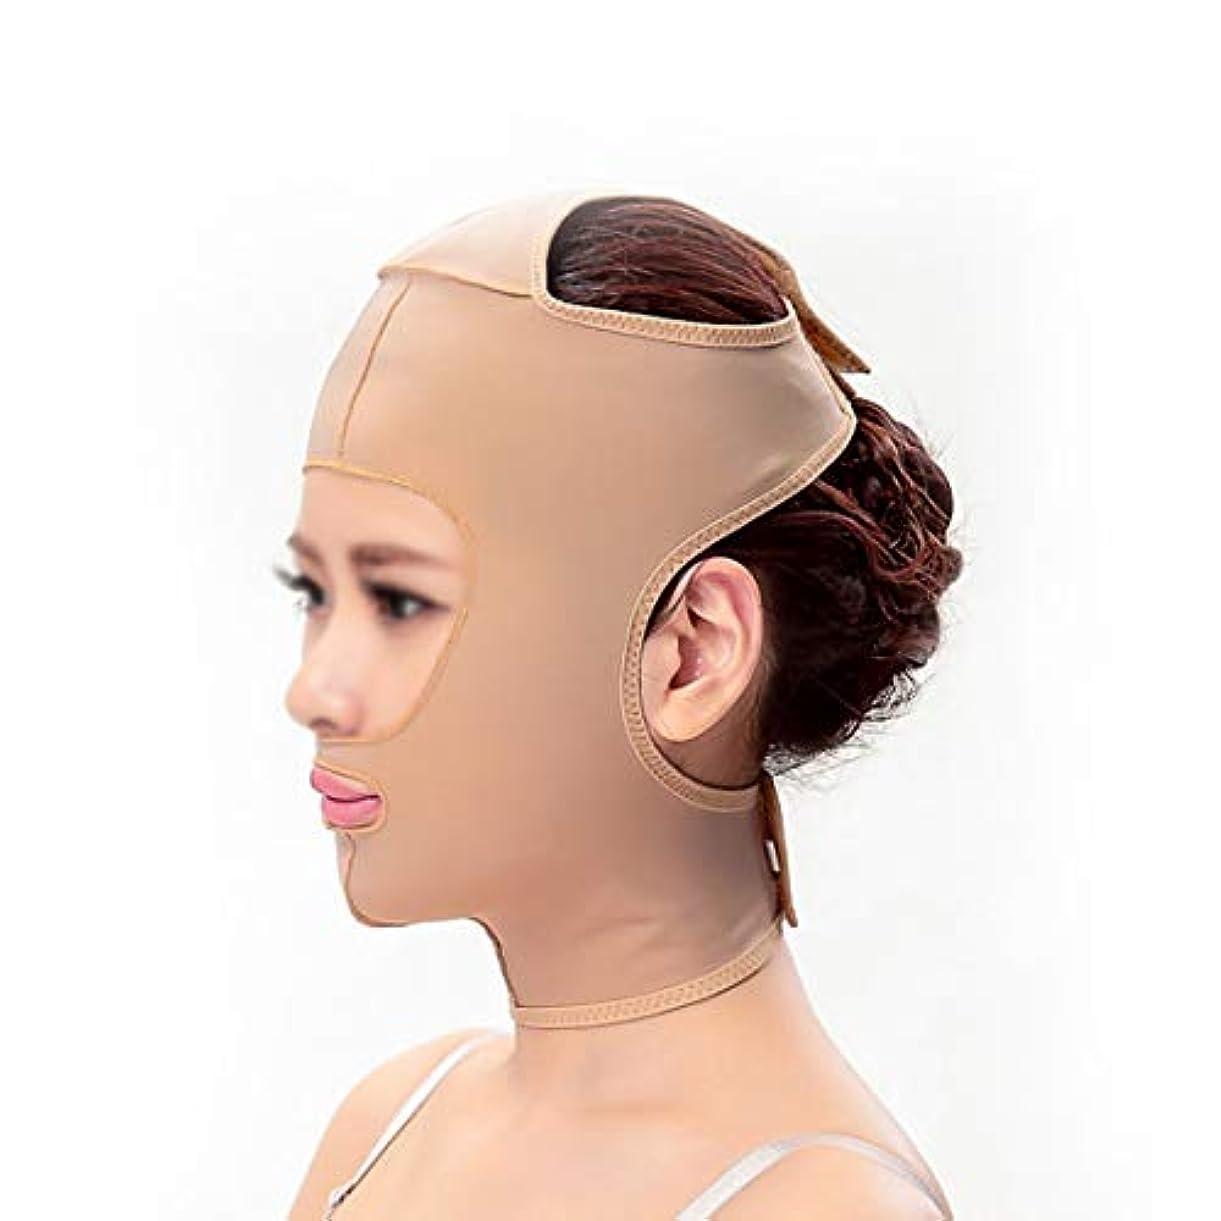 生む群がるだらしないLJK 痩身ベルト、フェイシャルマスク薄いフェイスマスクを脇に持ち上げる二重あご引き締め顔面プラスチックフェイスアーティファクト強力なフェイス包帯 (Size : M)